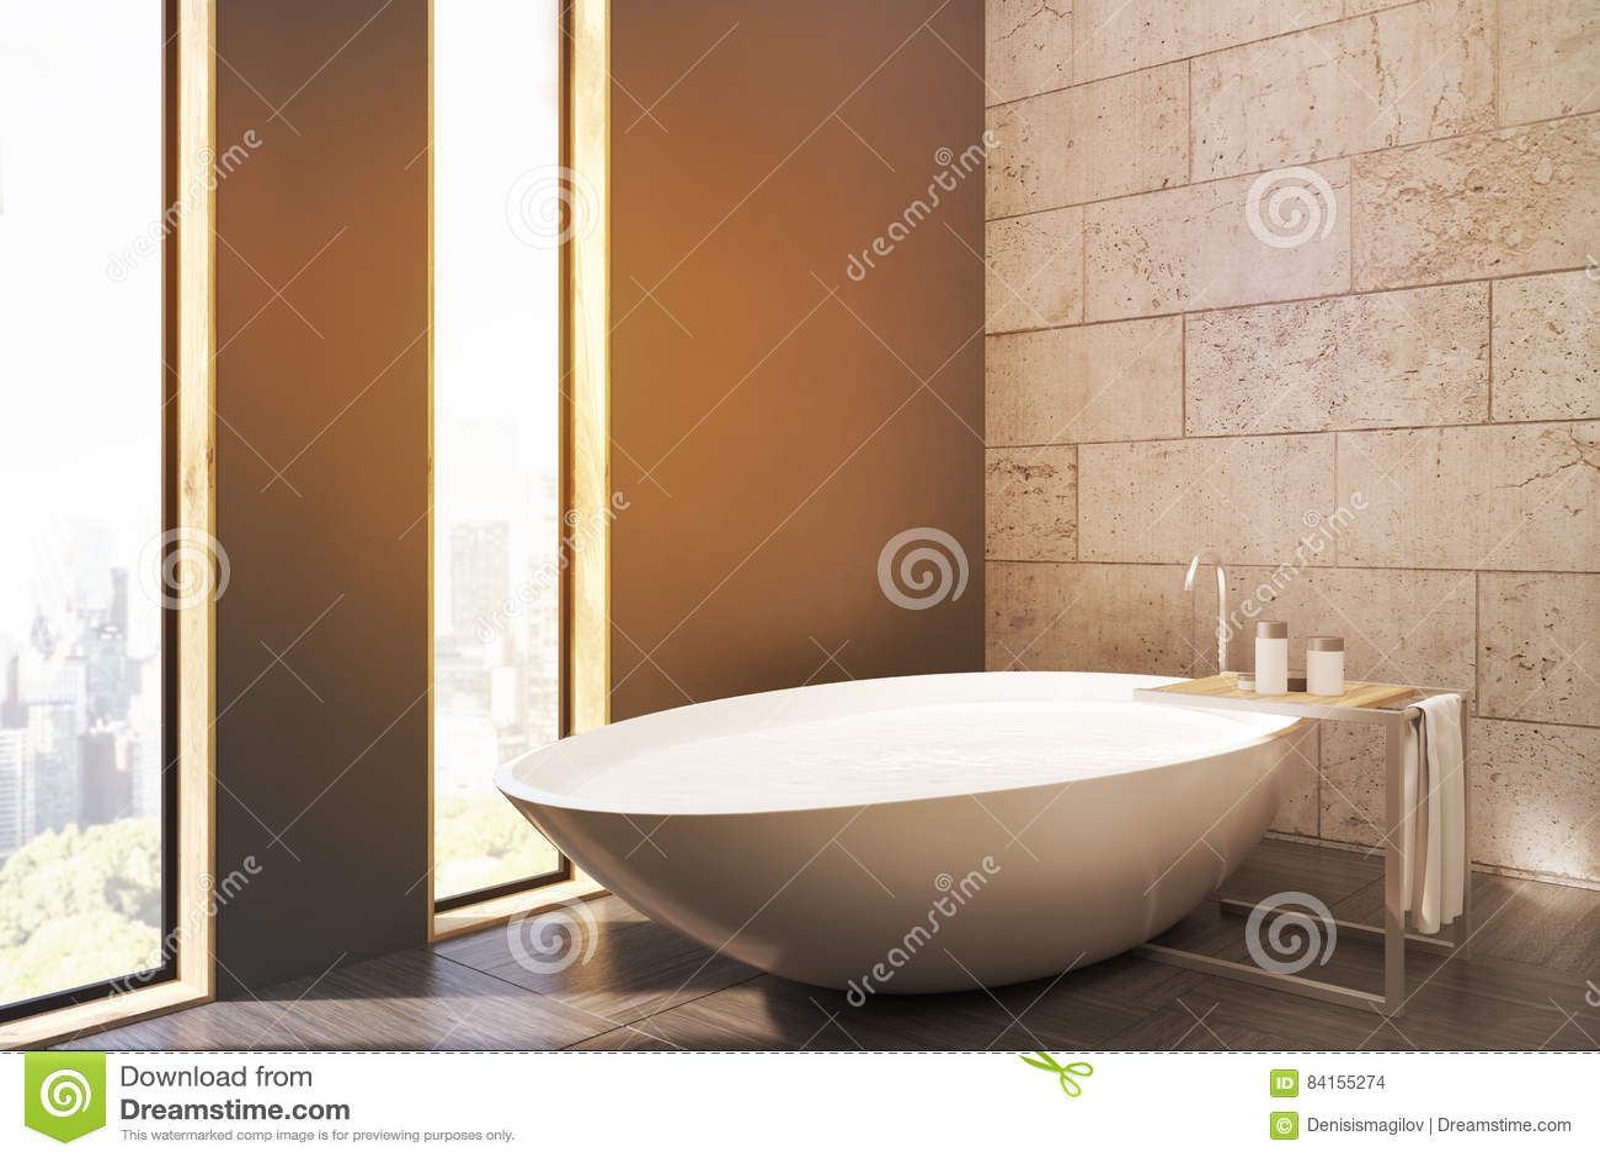 Vasca Da Bagno In Cemento : Vista laterale di un bagno con le finestre strette la vasca bianca